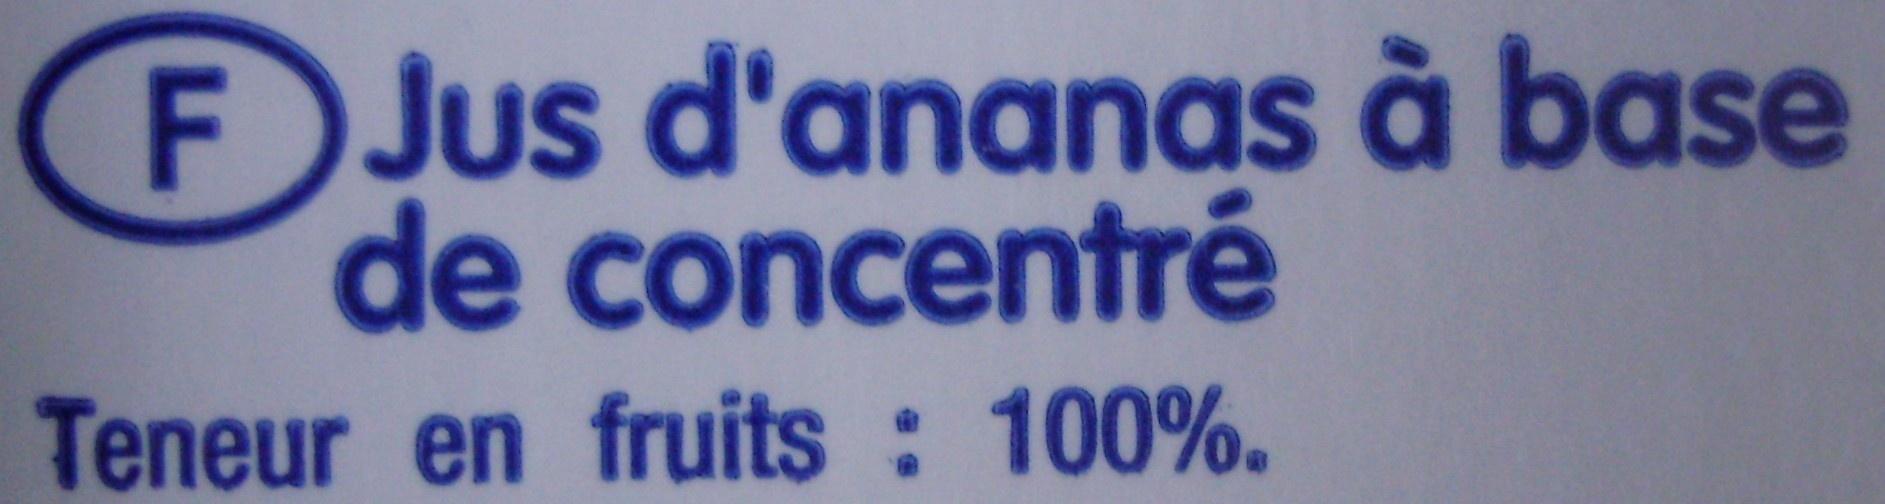 Jus d'ananas à base de jus concentré - Ingrédients - fr